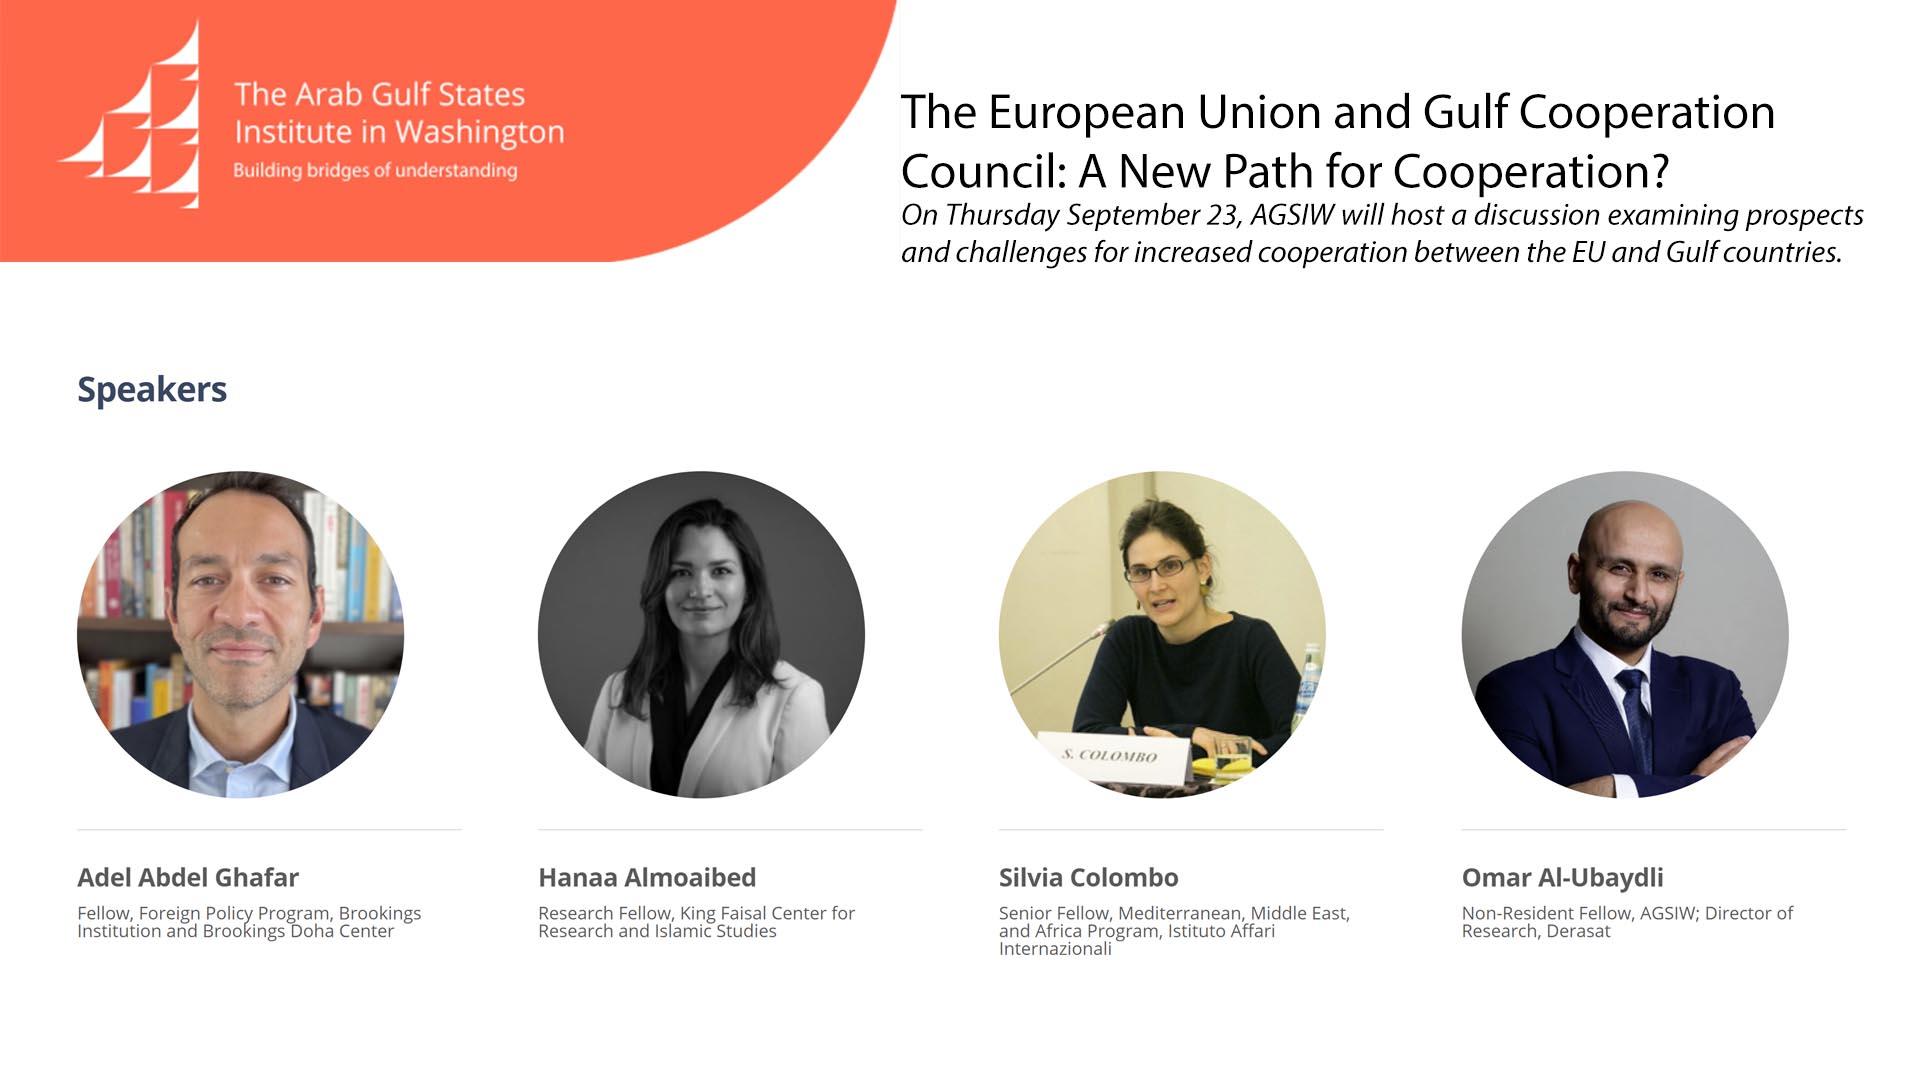 الاتحاد الأوروبي ومجلس التعاون الخليجي: مسار جديد للتعاون؟